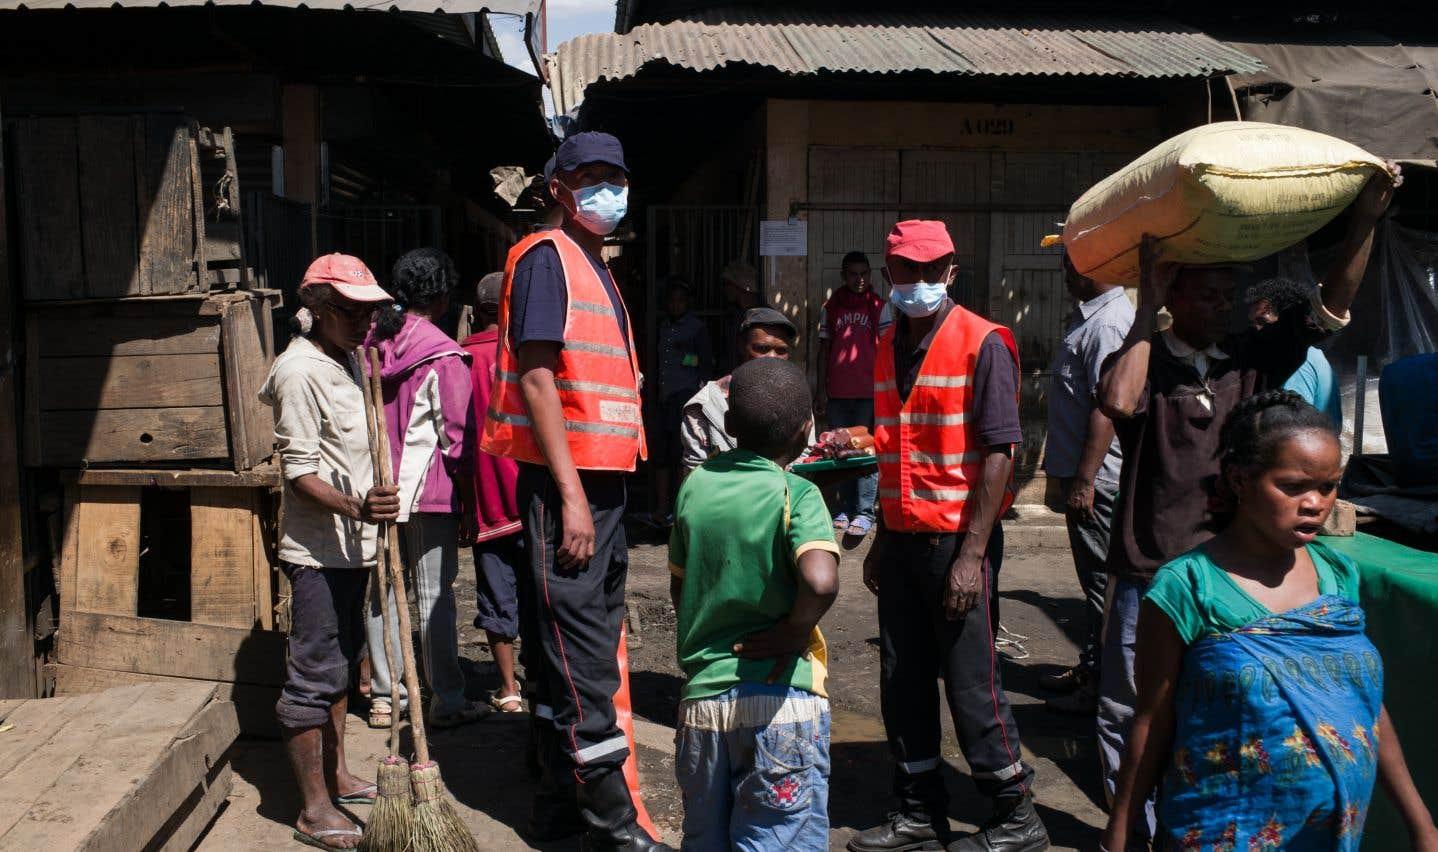 Pour tenter d'enrayer l'épidémie, le gouvernement a interdit les réunions publiques dans la capitale Antananarivo et ordonné la fermeture de nombreux établissements scolaires.